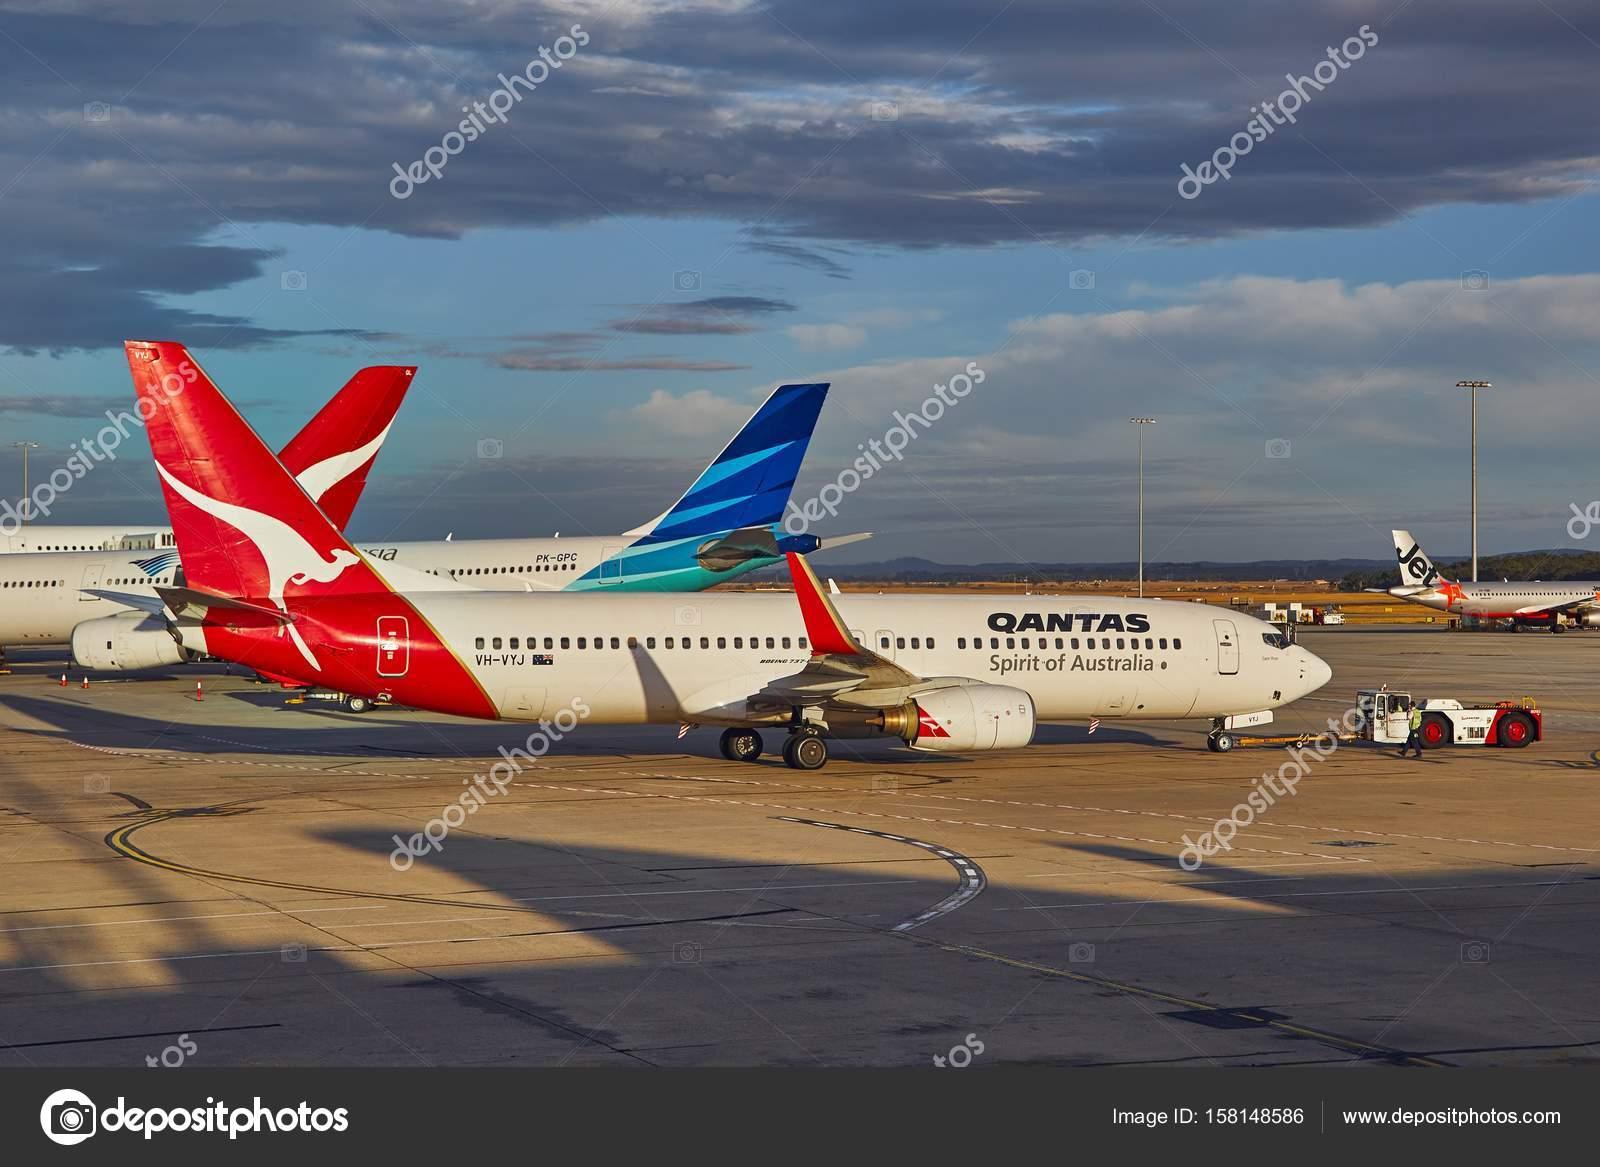 Avies da qantas fotografia de stock editorial gudella 158148586 avies da qantas fotografia stopboris Images